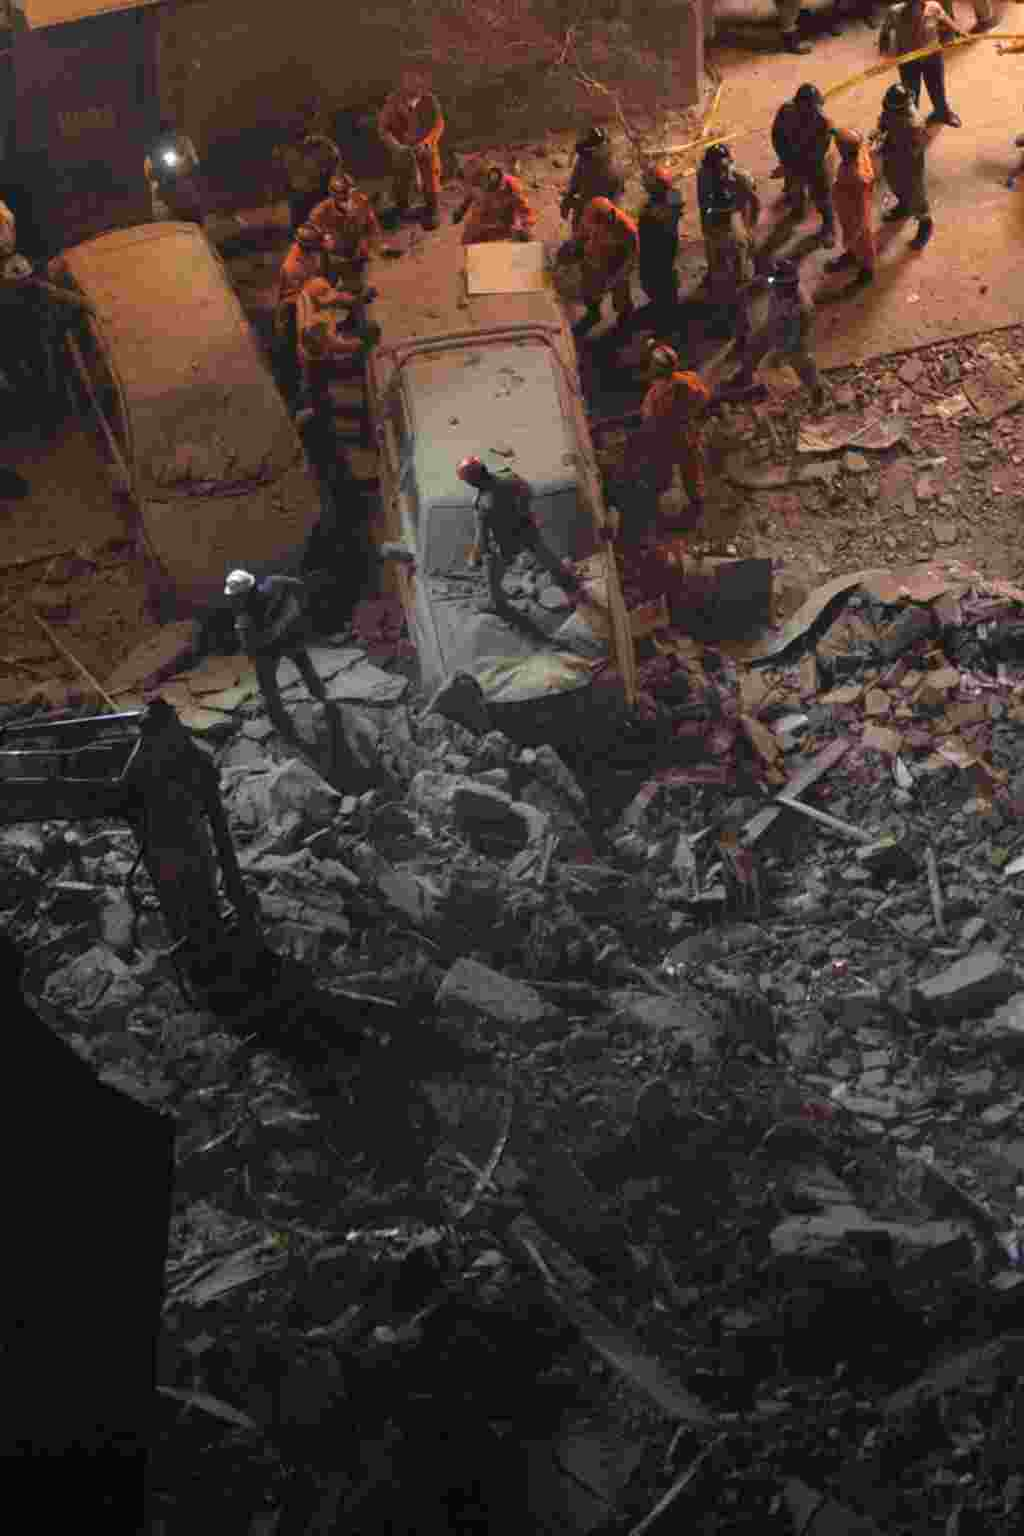 Los cuerpos de cinco personas fueron encontrados entre los escombros de tres edificios que se desplomaron la noche del miércoles en el centro de Río de Janeiro.